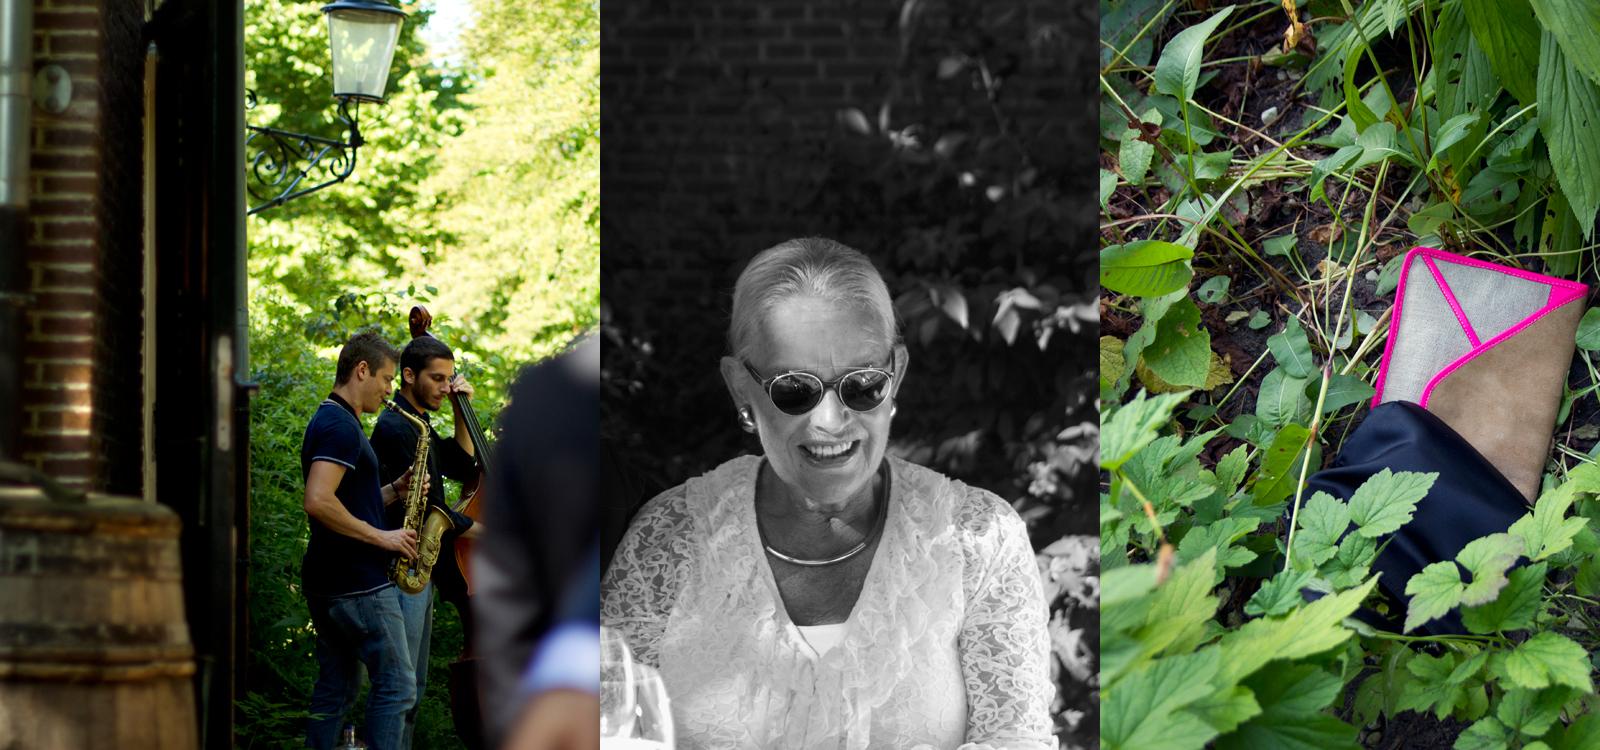 Eigenzinnige trouwfotografie. Zwart wit portret van een tante tijdens het bruidsdiner.